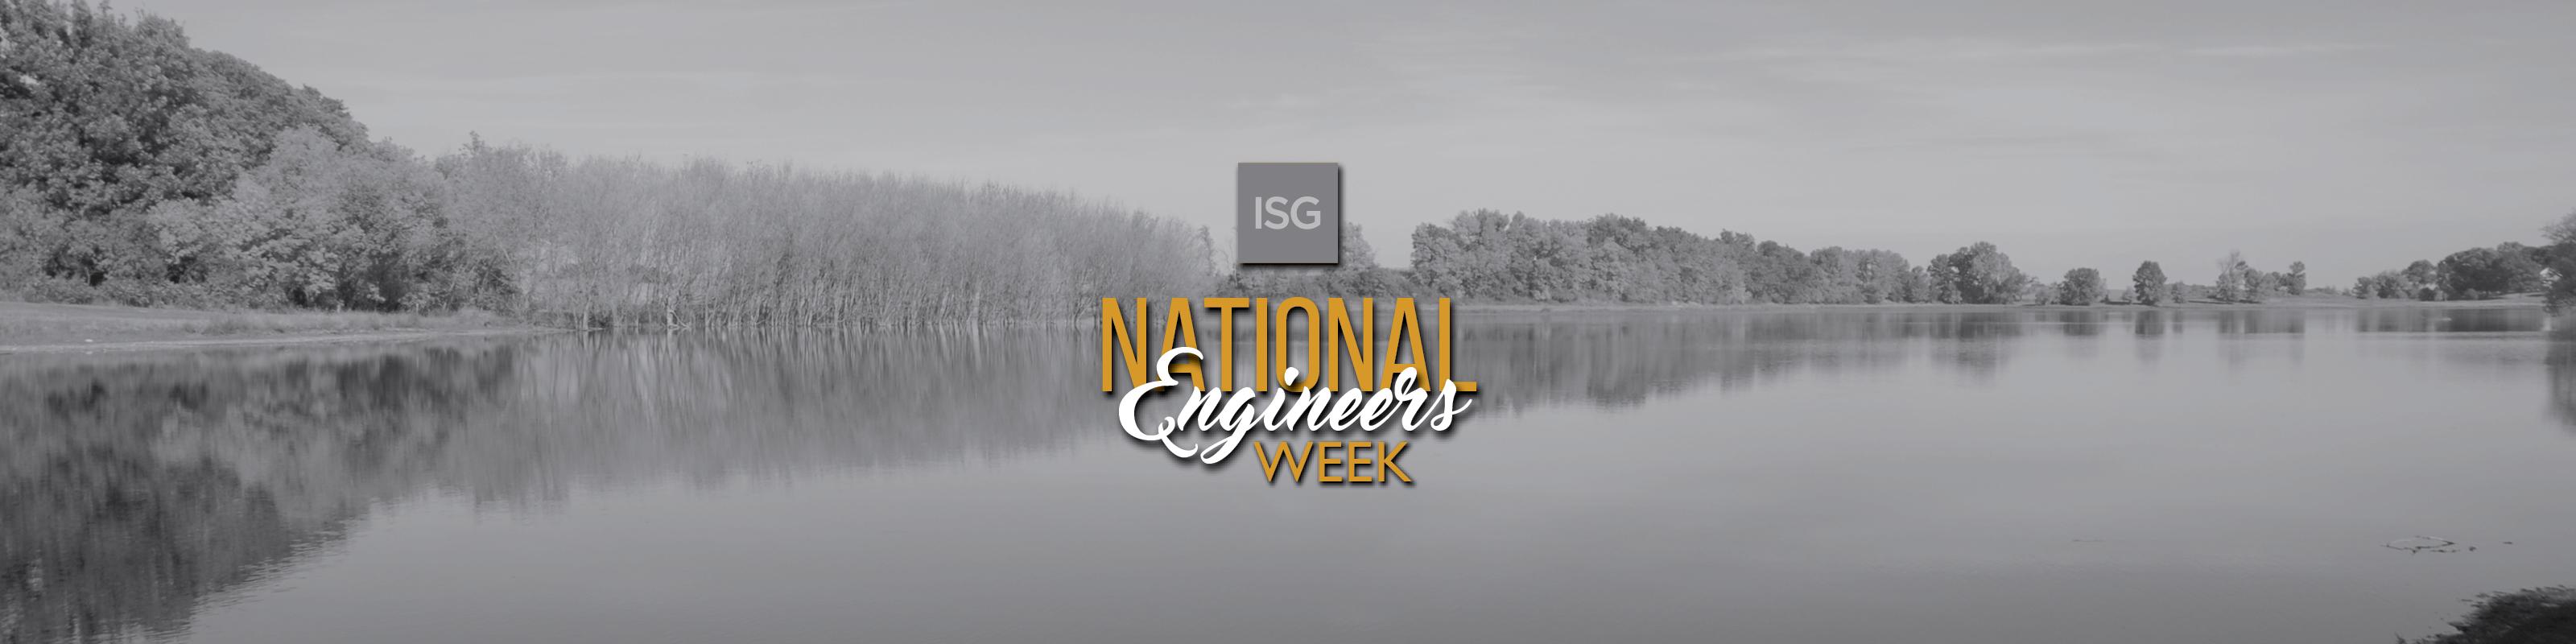 2018-02-19-engineers-week5